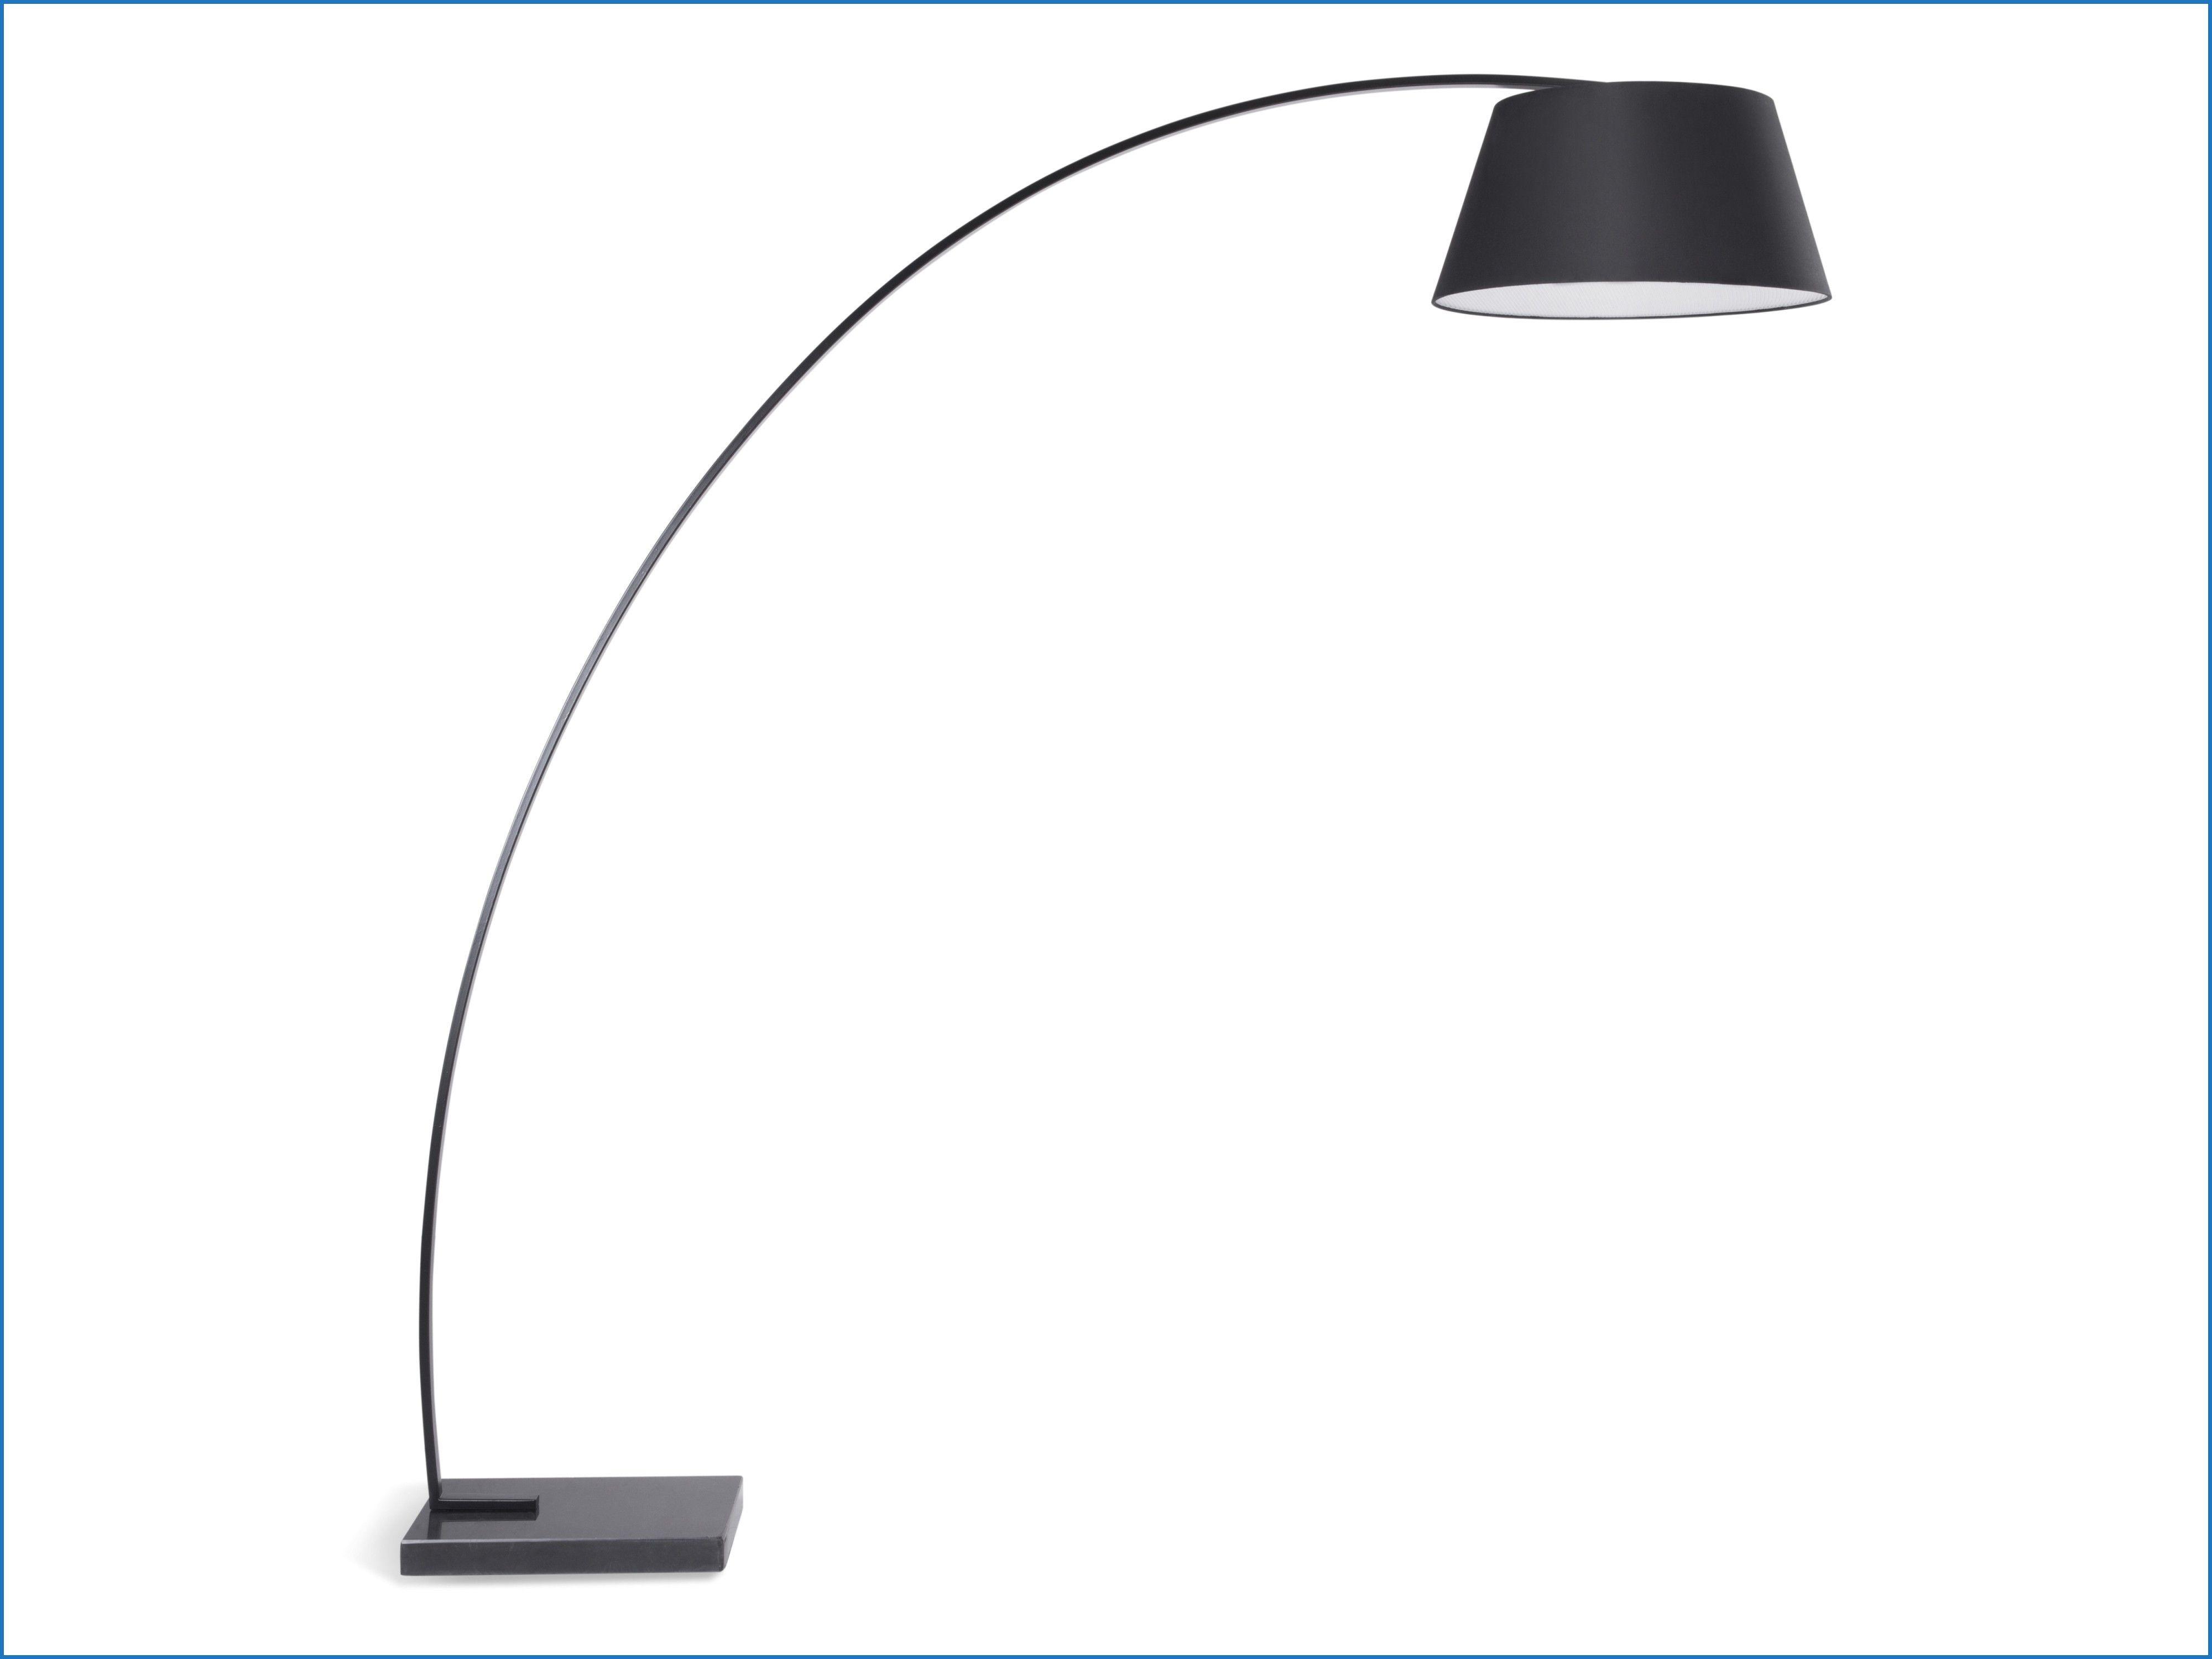 Beautiful Lampadaire Halogene Alinea Home Decor Lamp Design